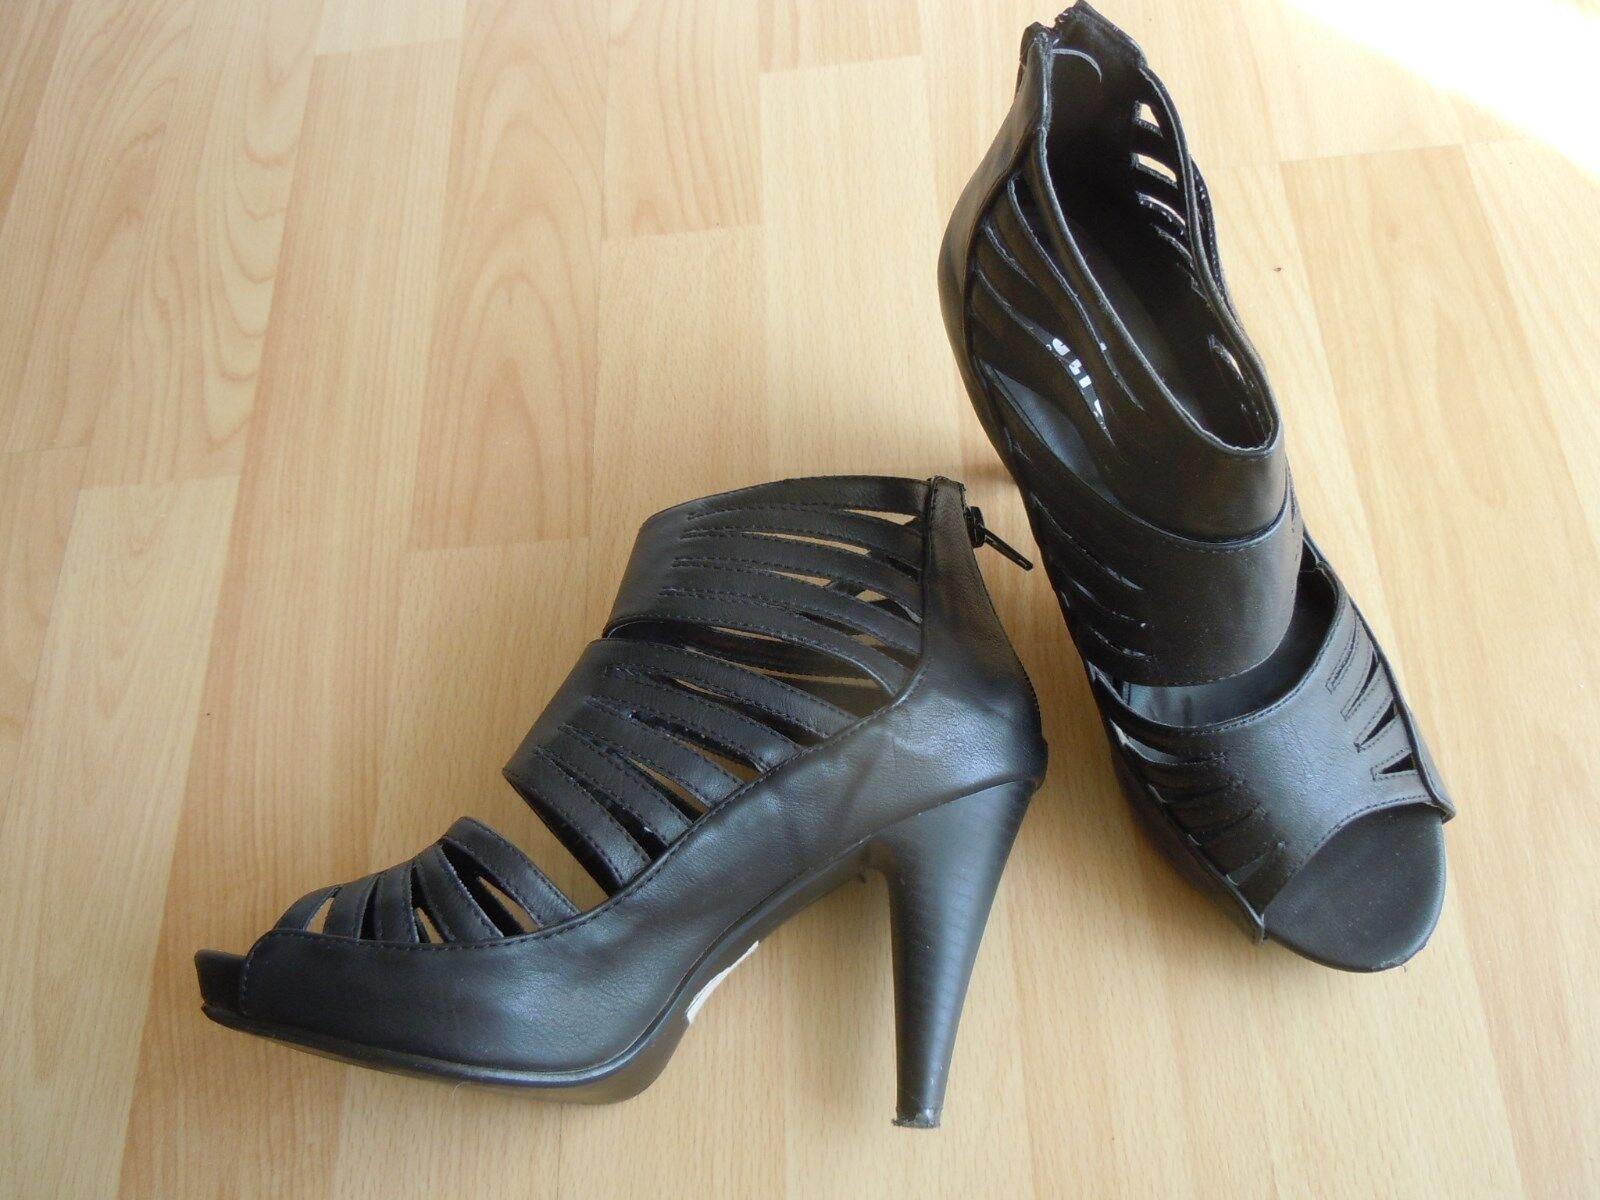 Gentleman/Lady High Heels Riemchen Sandaletten, schwarz Various styles workmanship In short supply Exquisite workmanship styles 674fd9